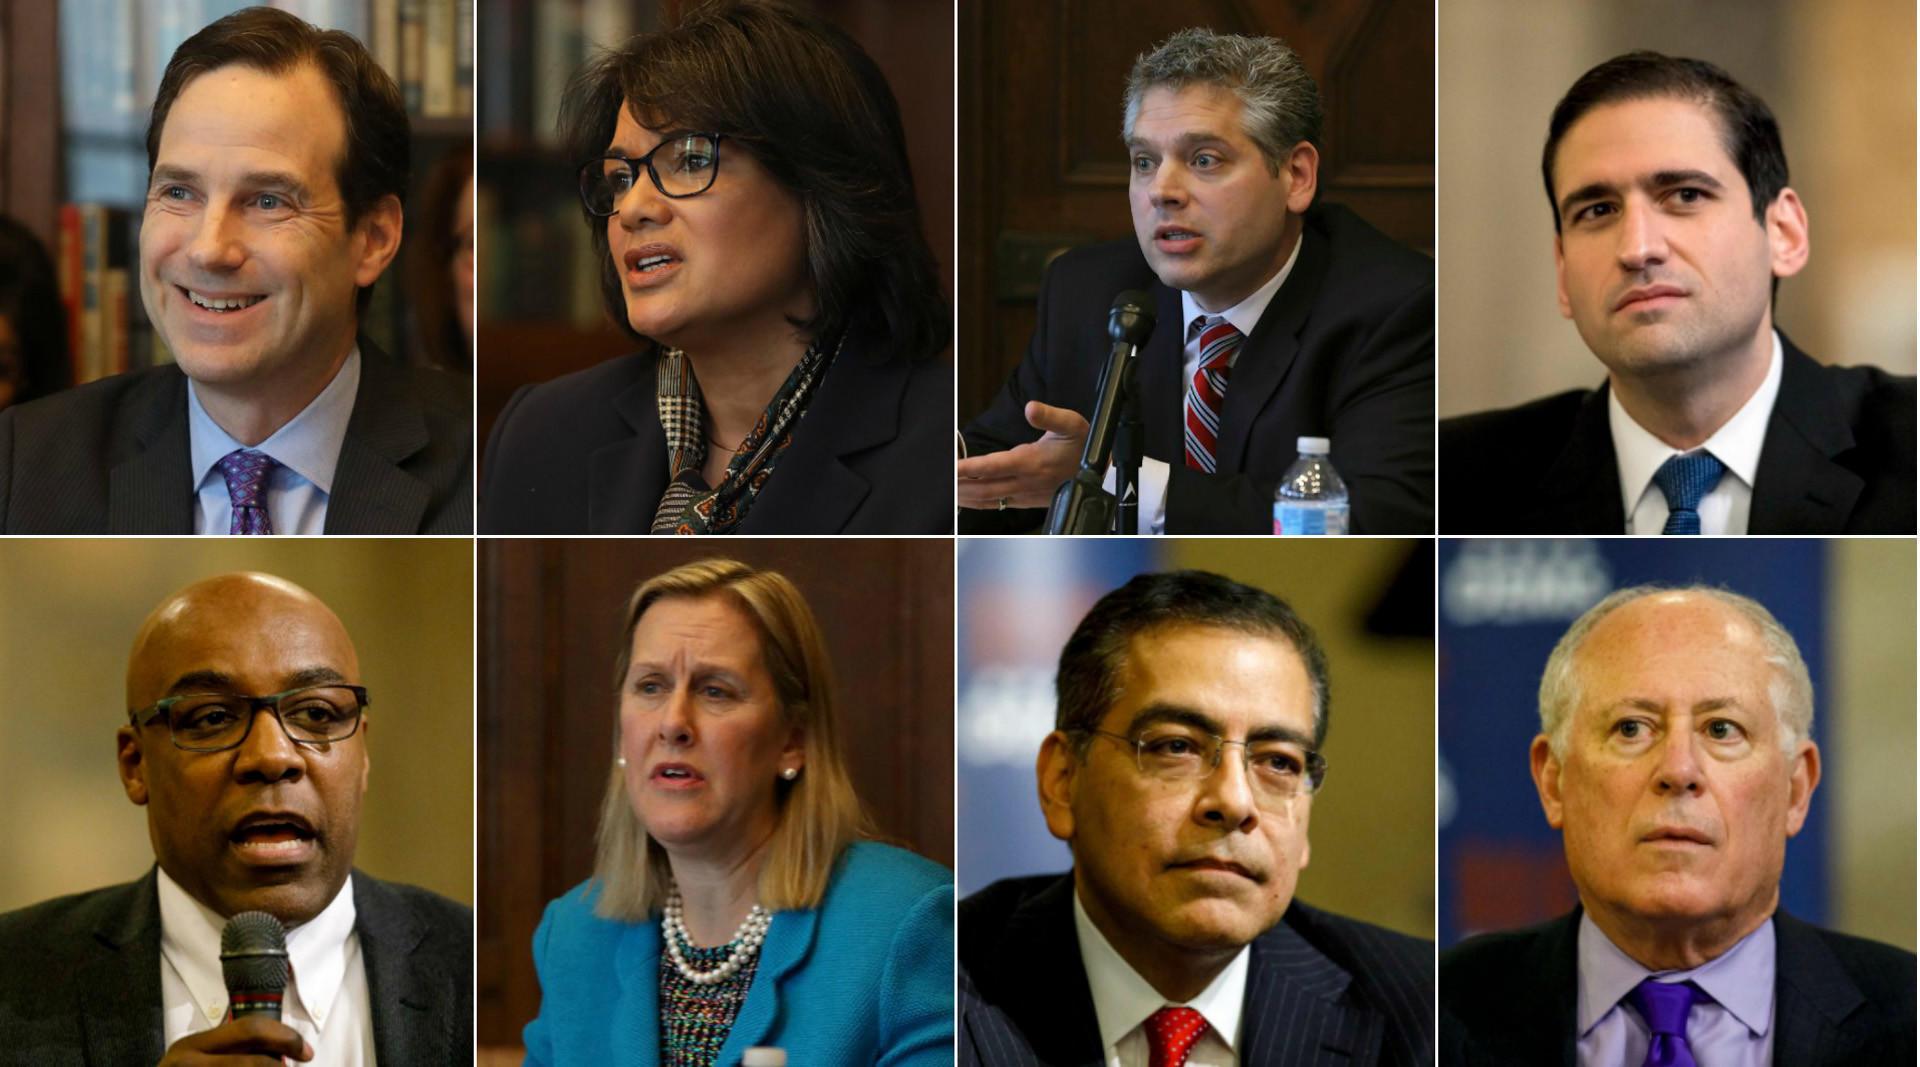 Democratic attorney general candidates rip Madigan, Berrios in final debate